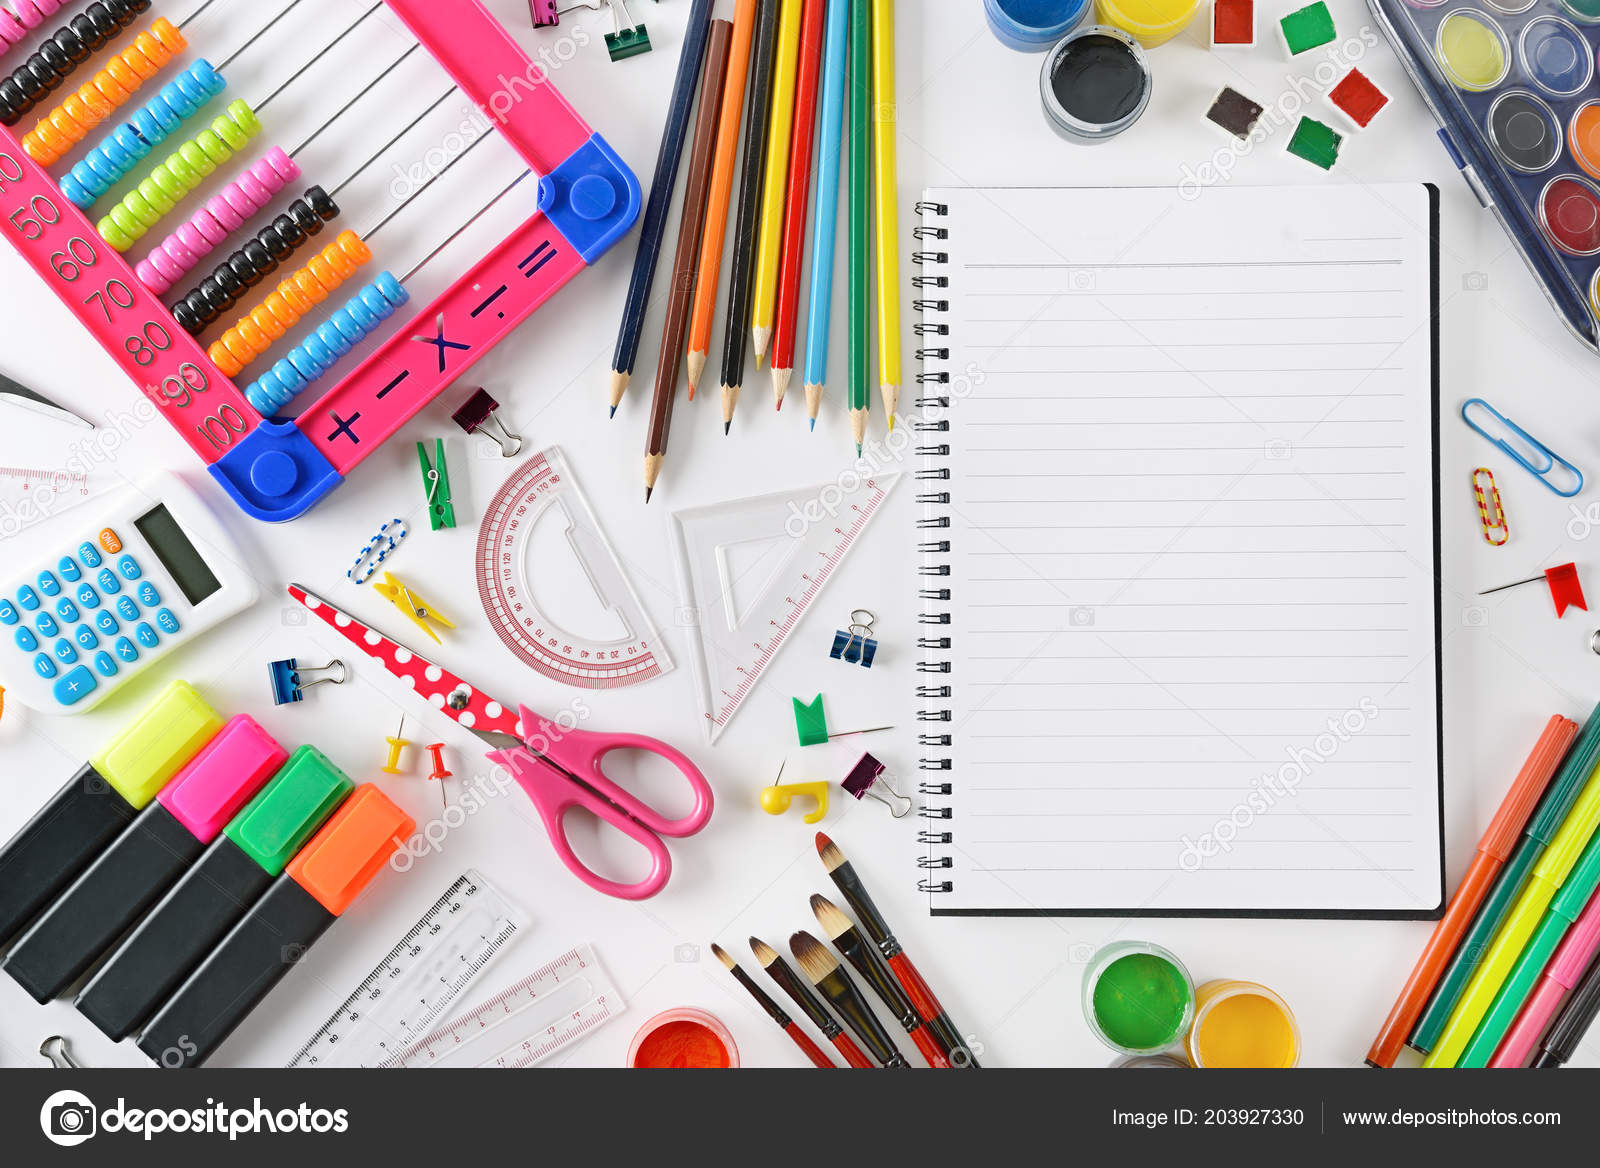 Fondo Utiles Escolares Vector: Set Útiles Escolares Fondo Blanco Espacio Para Texto